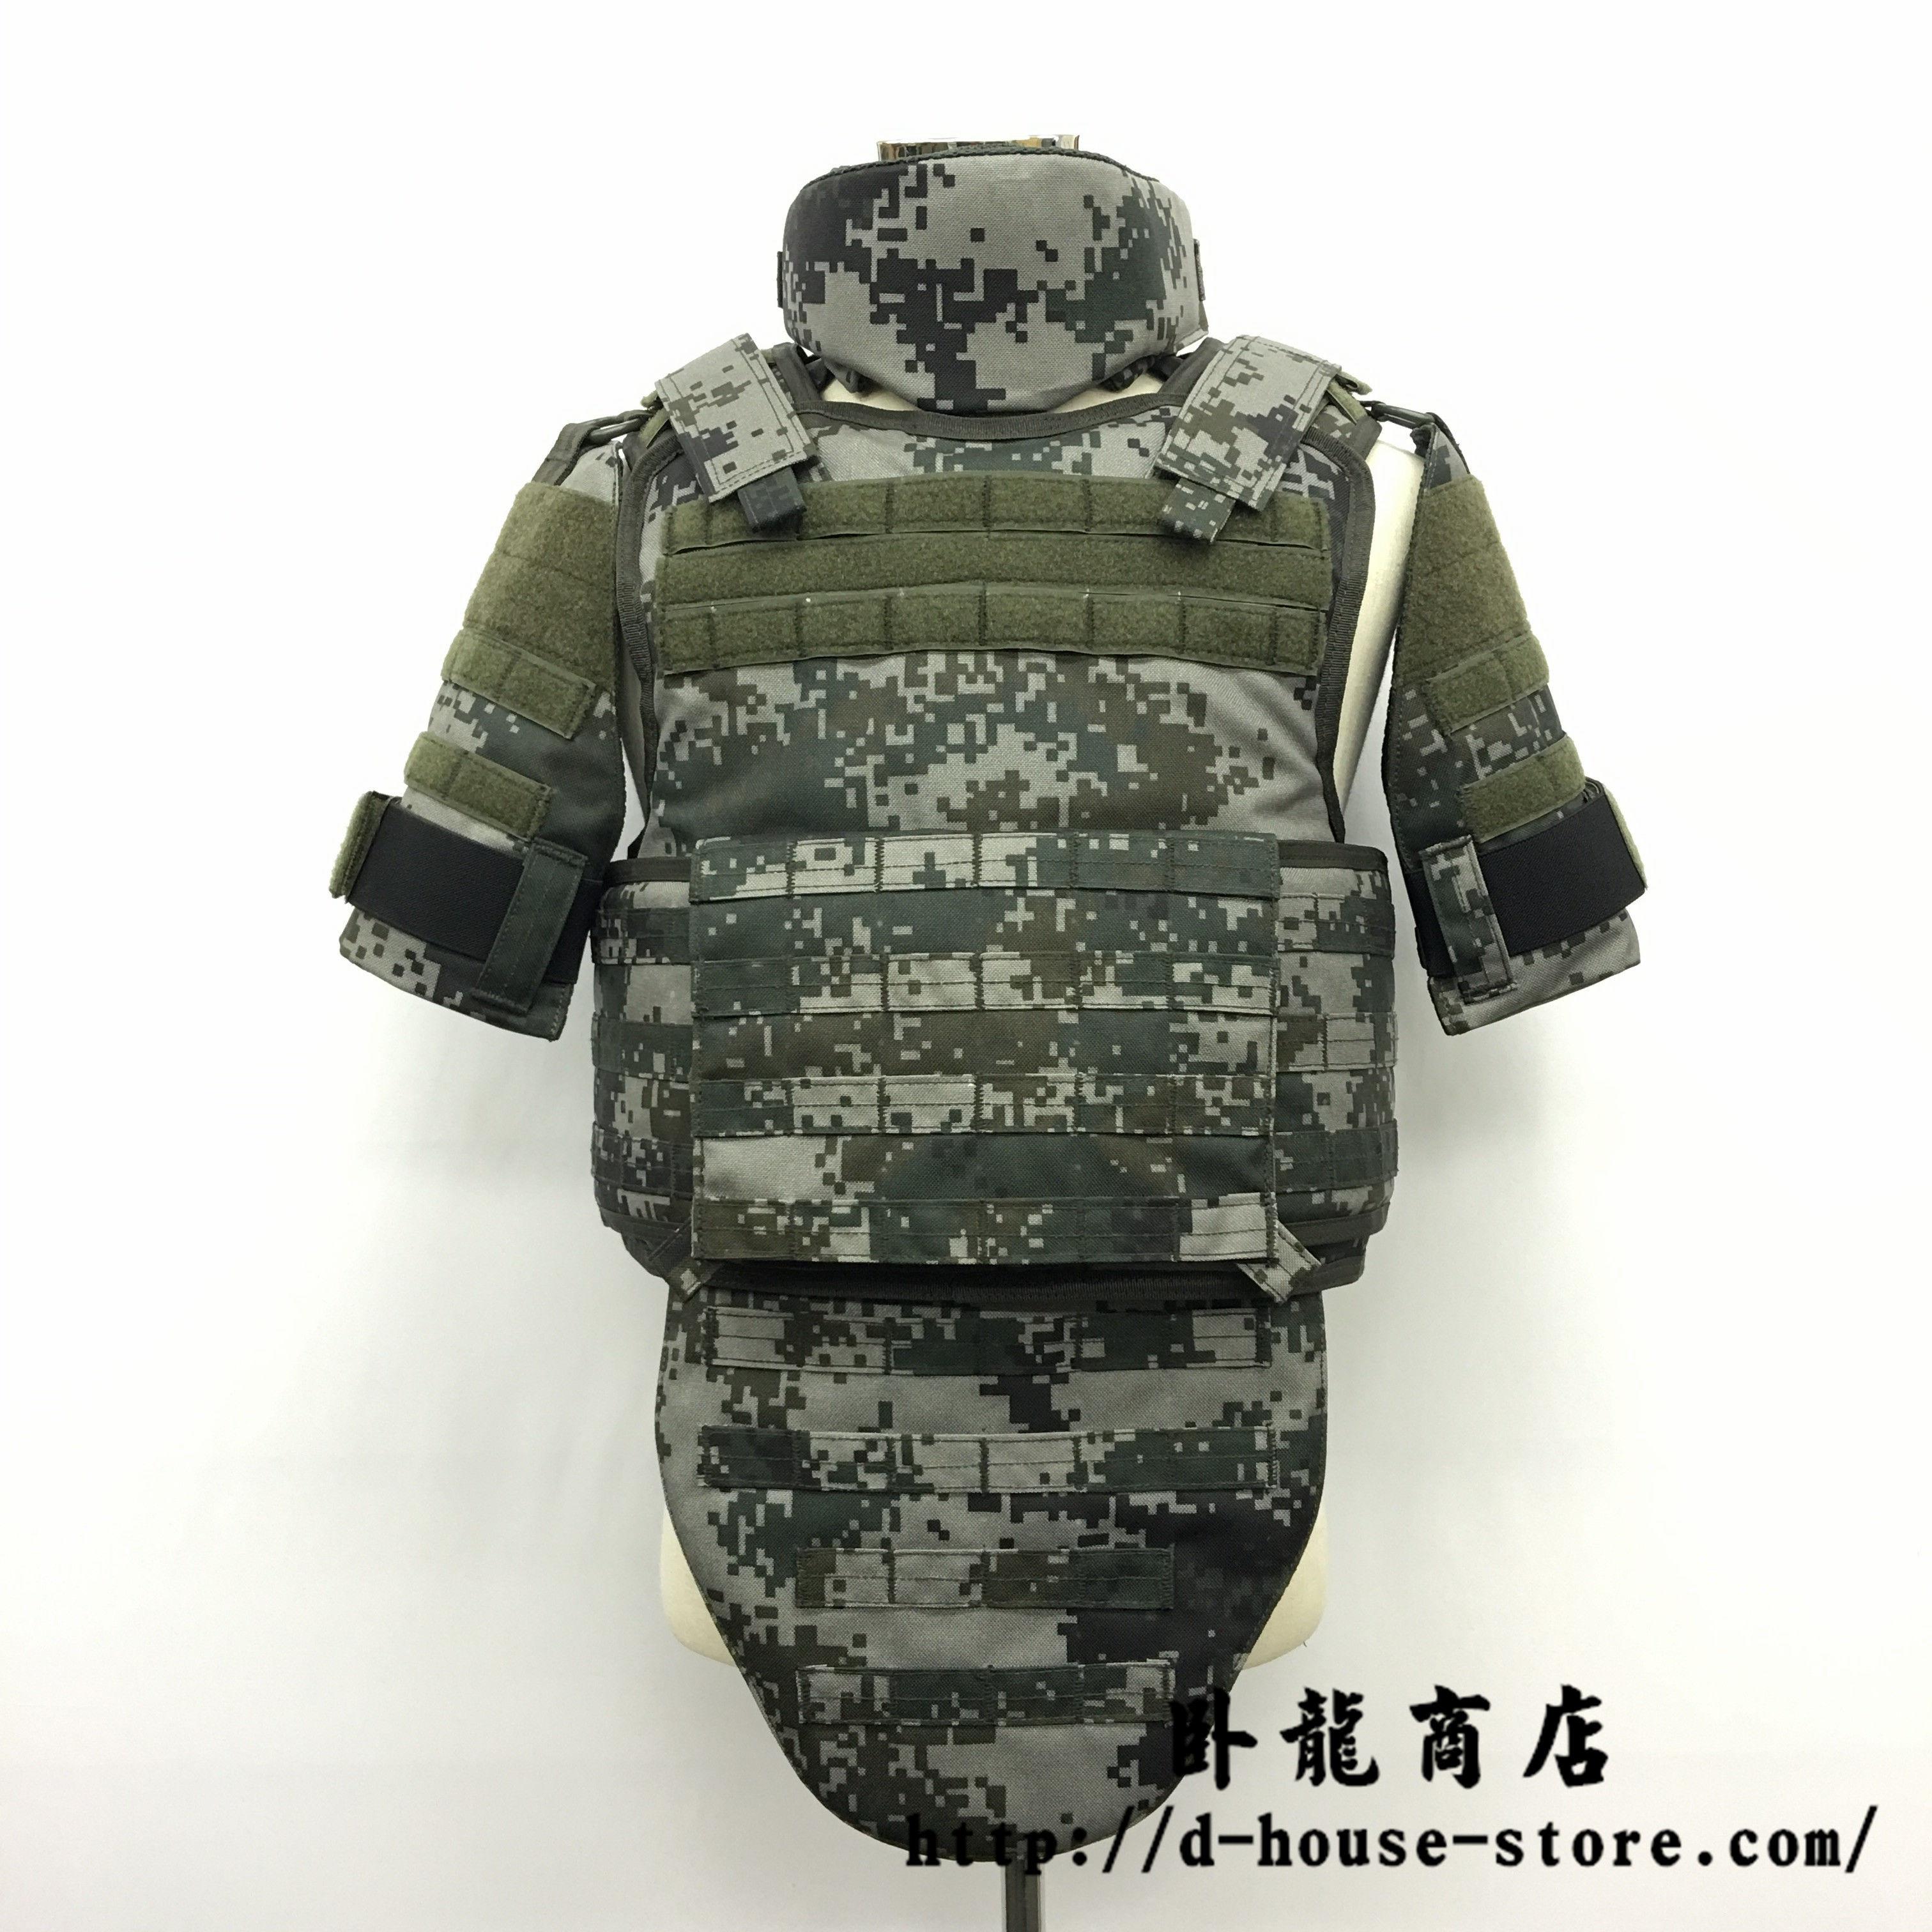 中国人民解放軍 林地迷彩 プレートキャリアー 防弾背心